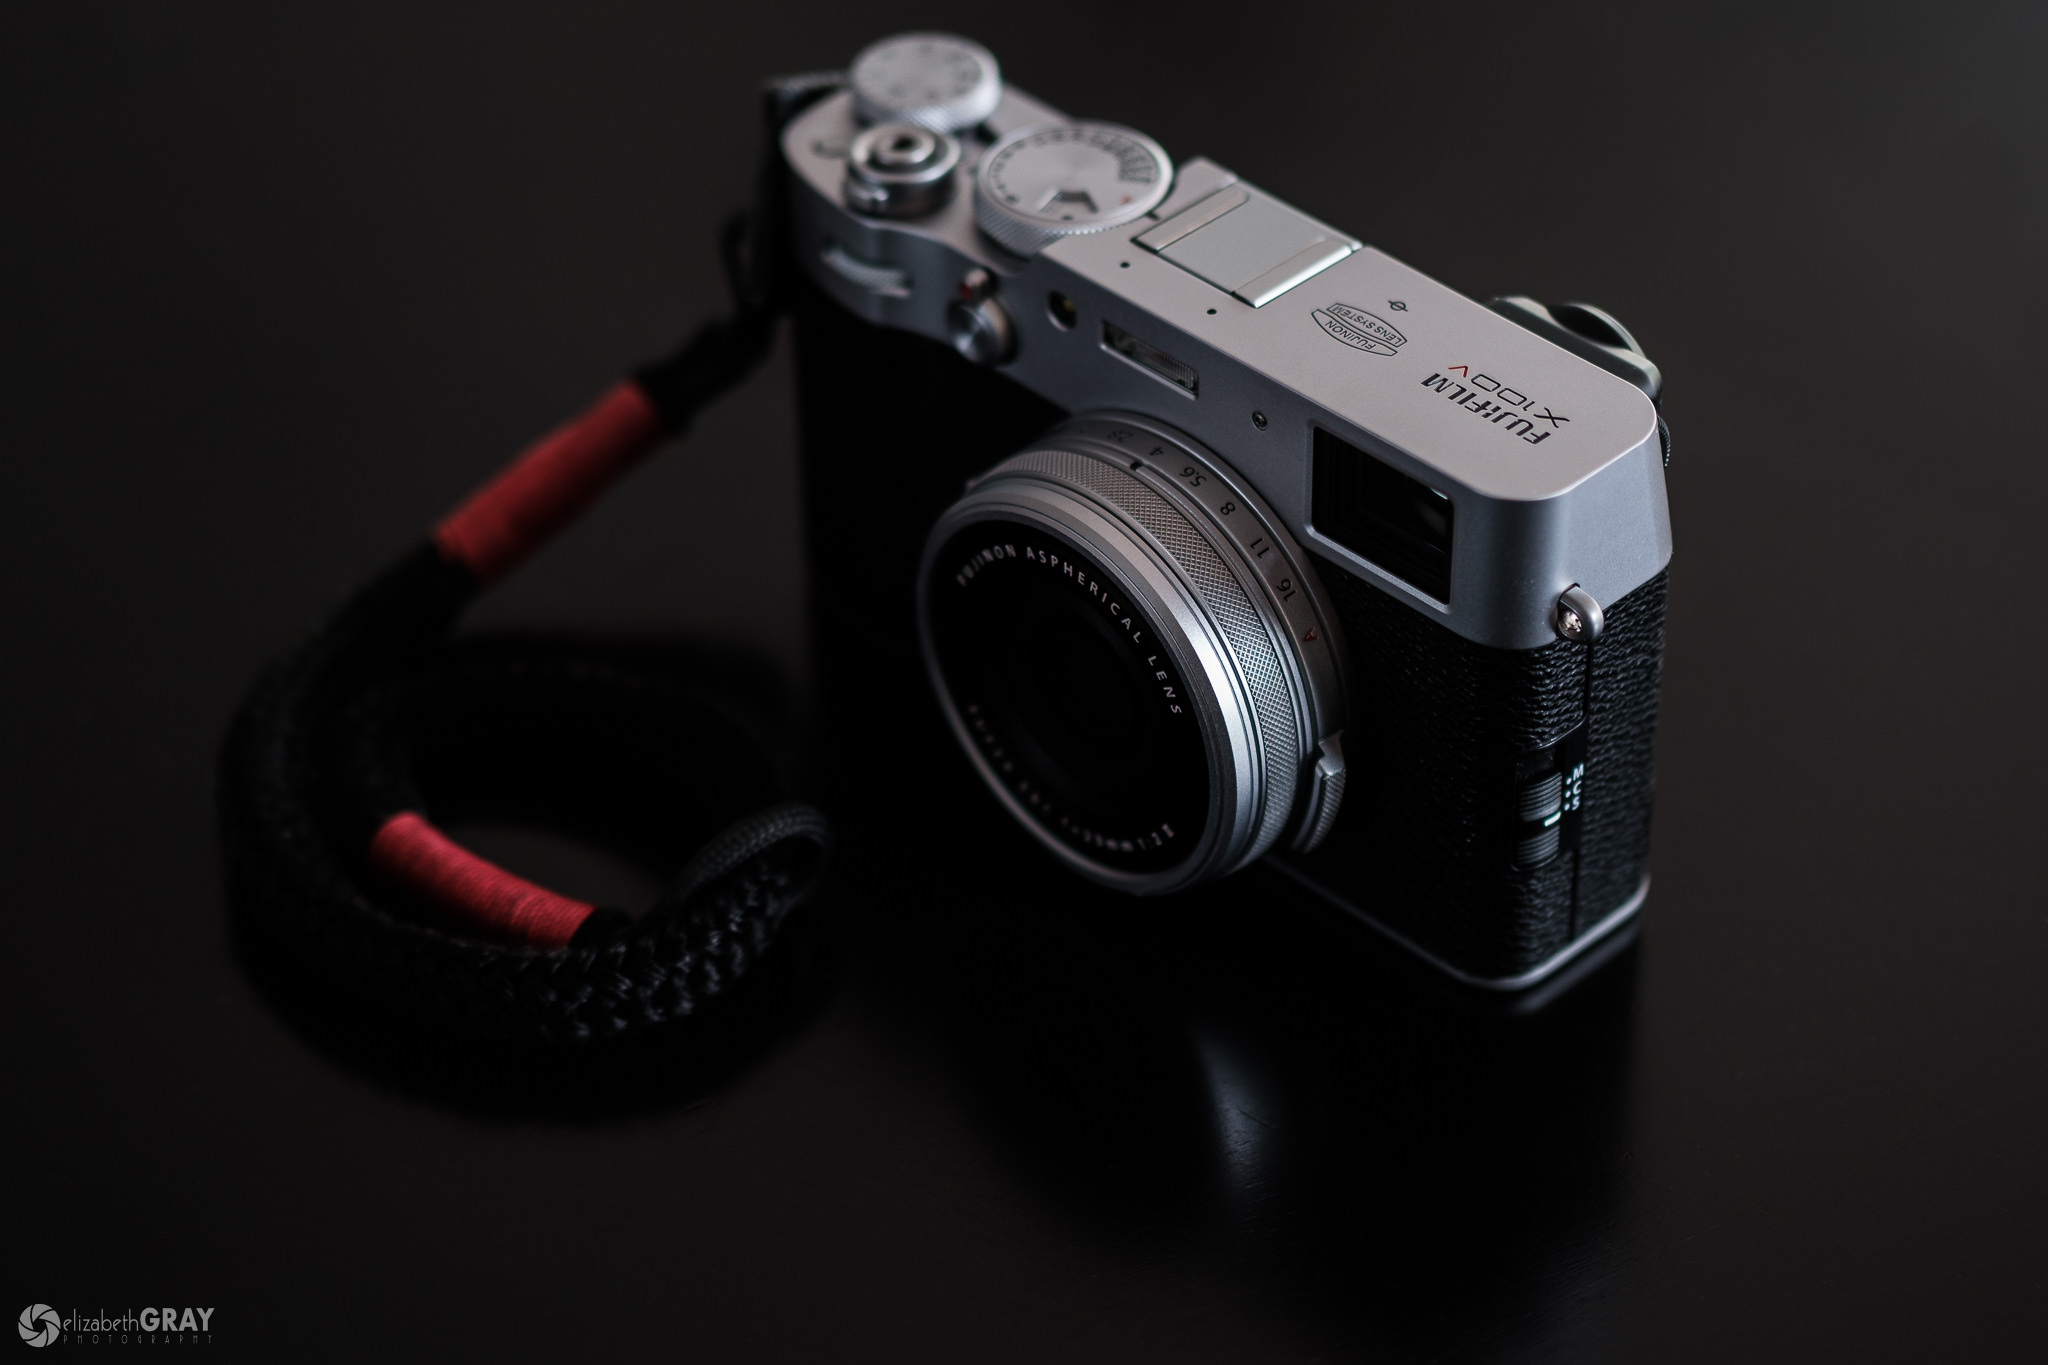 PhotographyByElizabethGRAY_X100V-First-Impressions